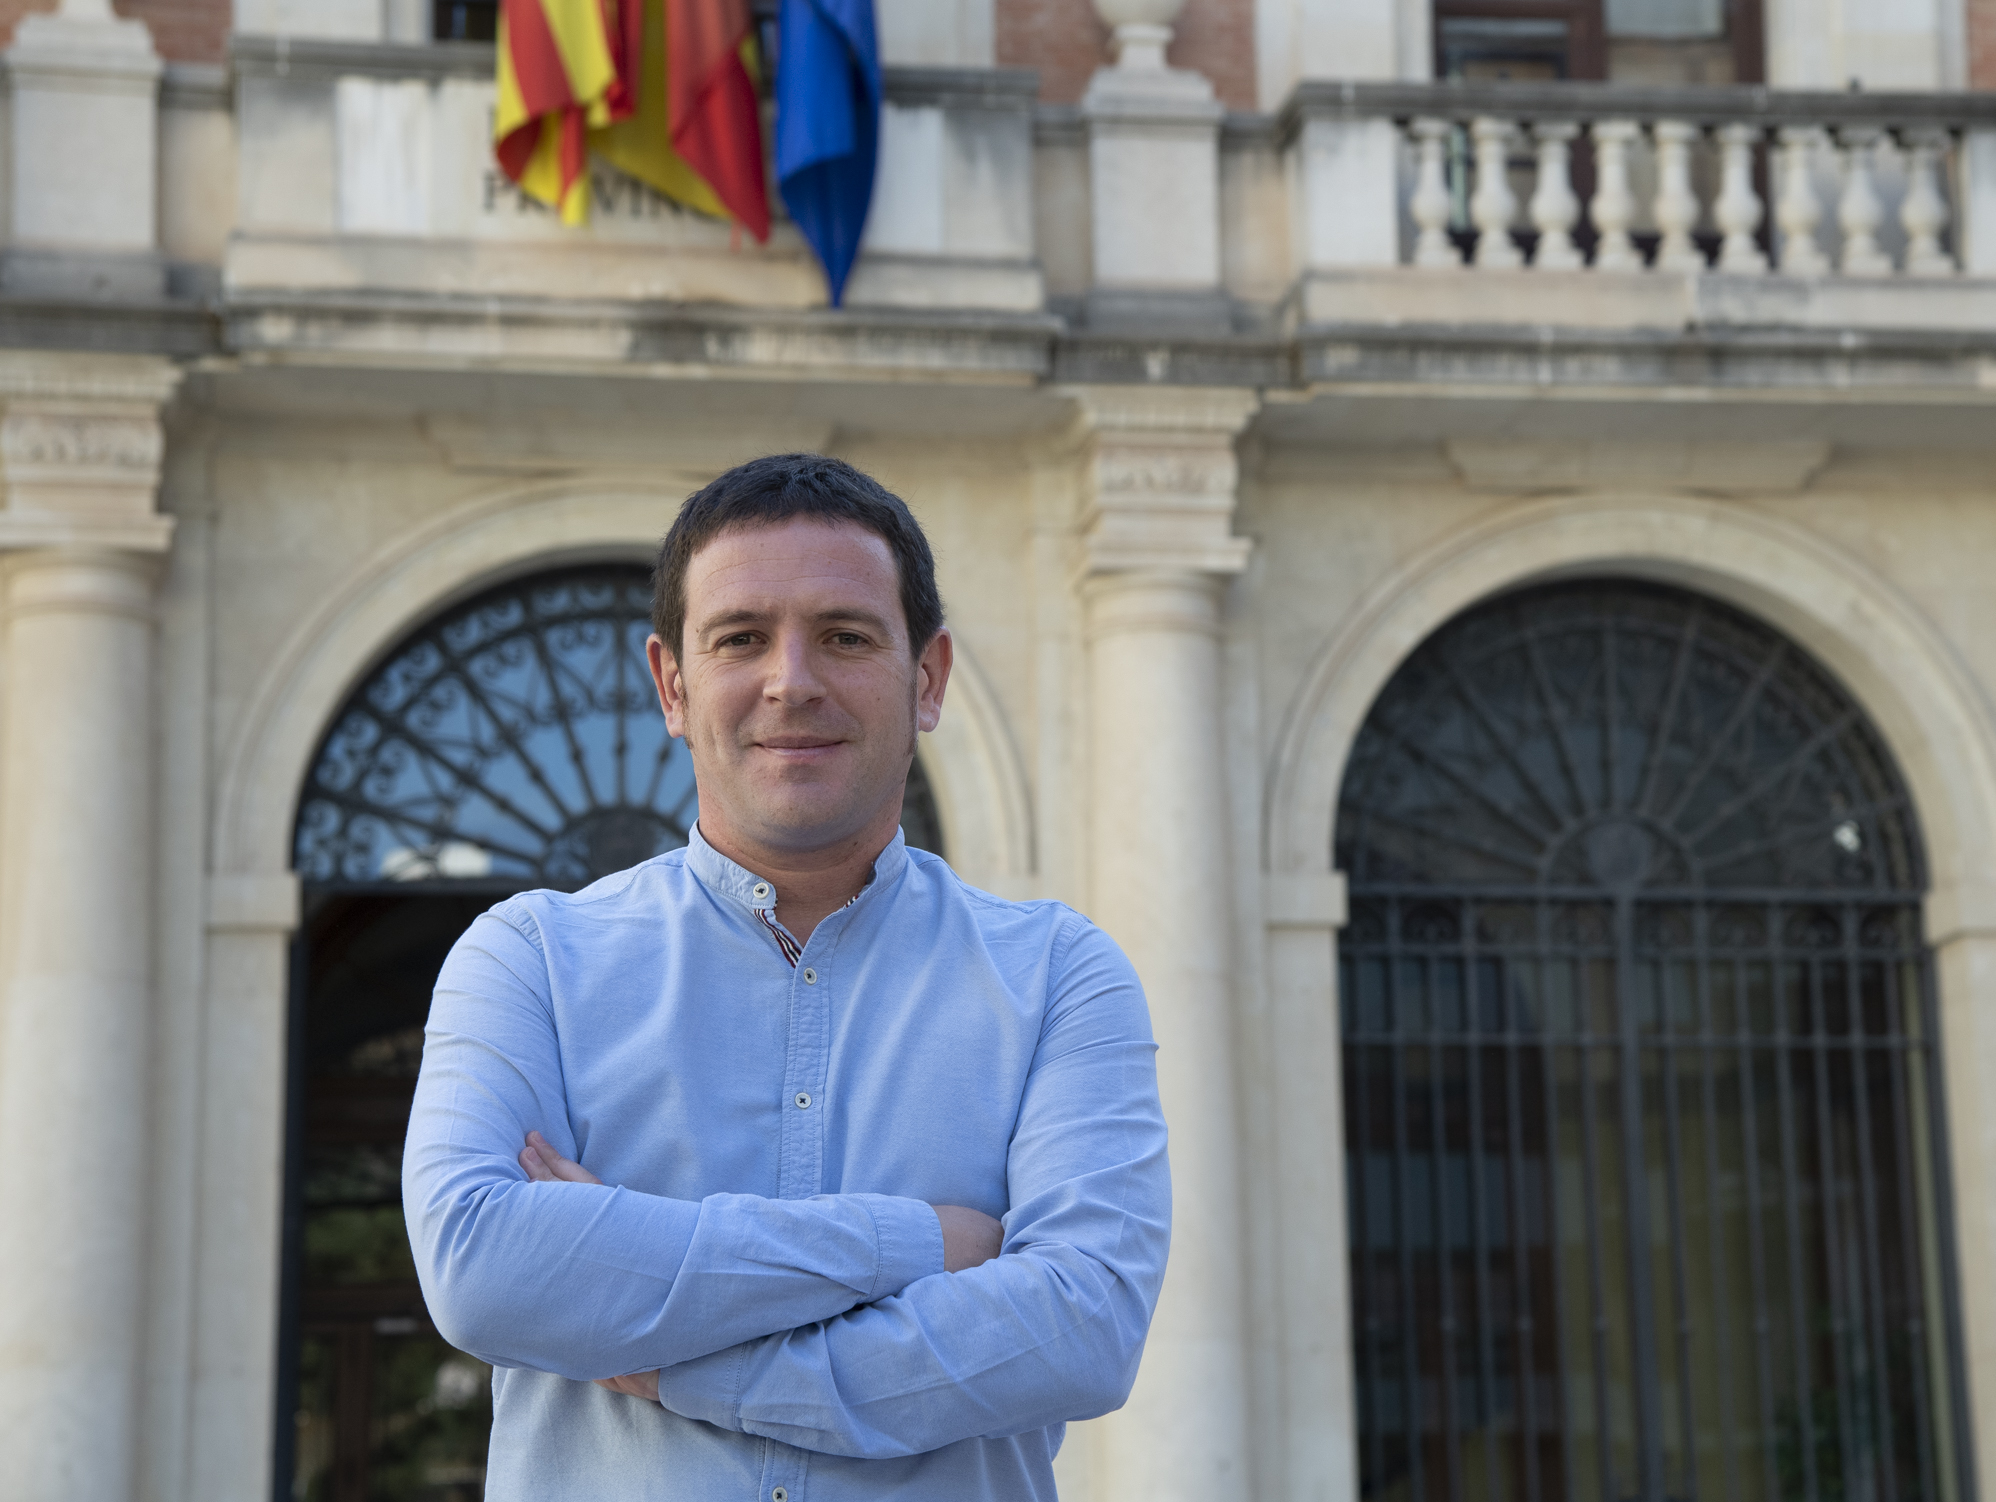 La Diputación de Castellón adjudica el servicio de Educación Ambiental para pueblos de menos de 5.000 habitantes por 977.000 euros